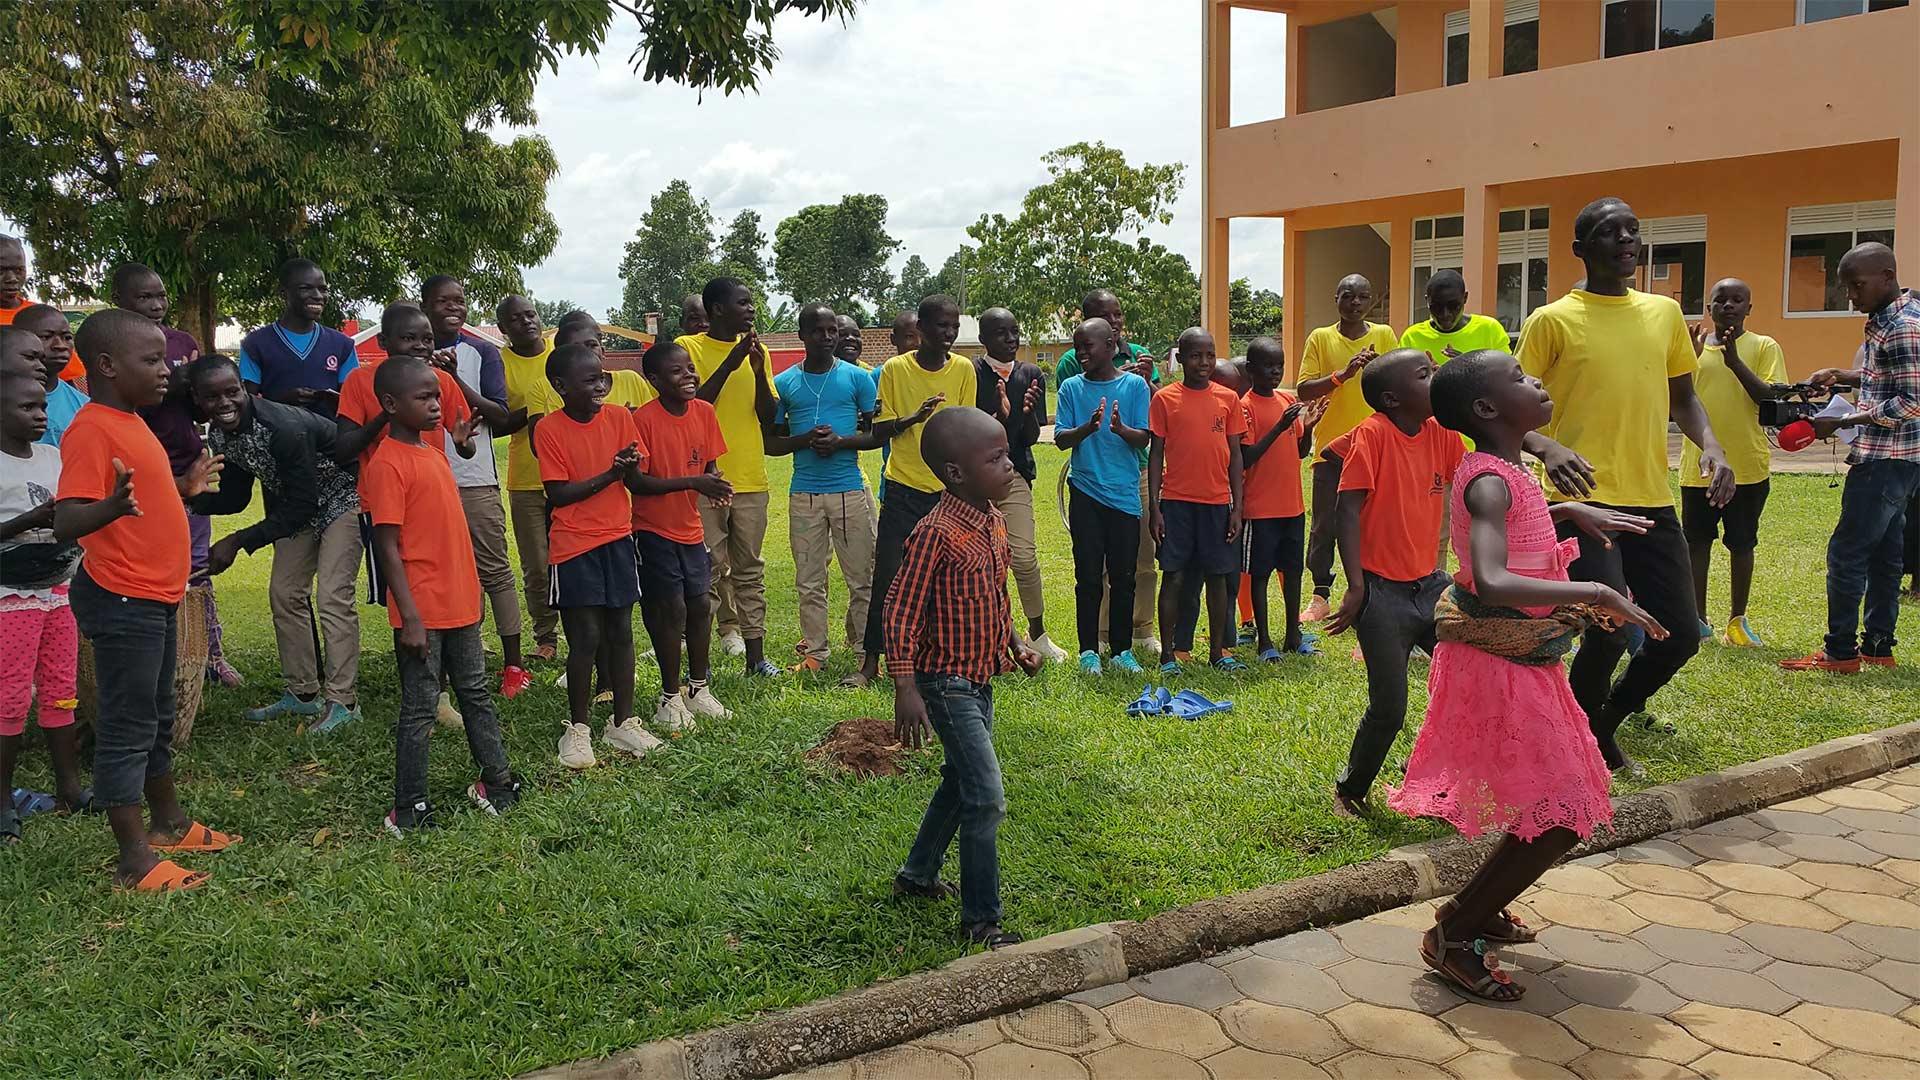 Masulita Children's Village